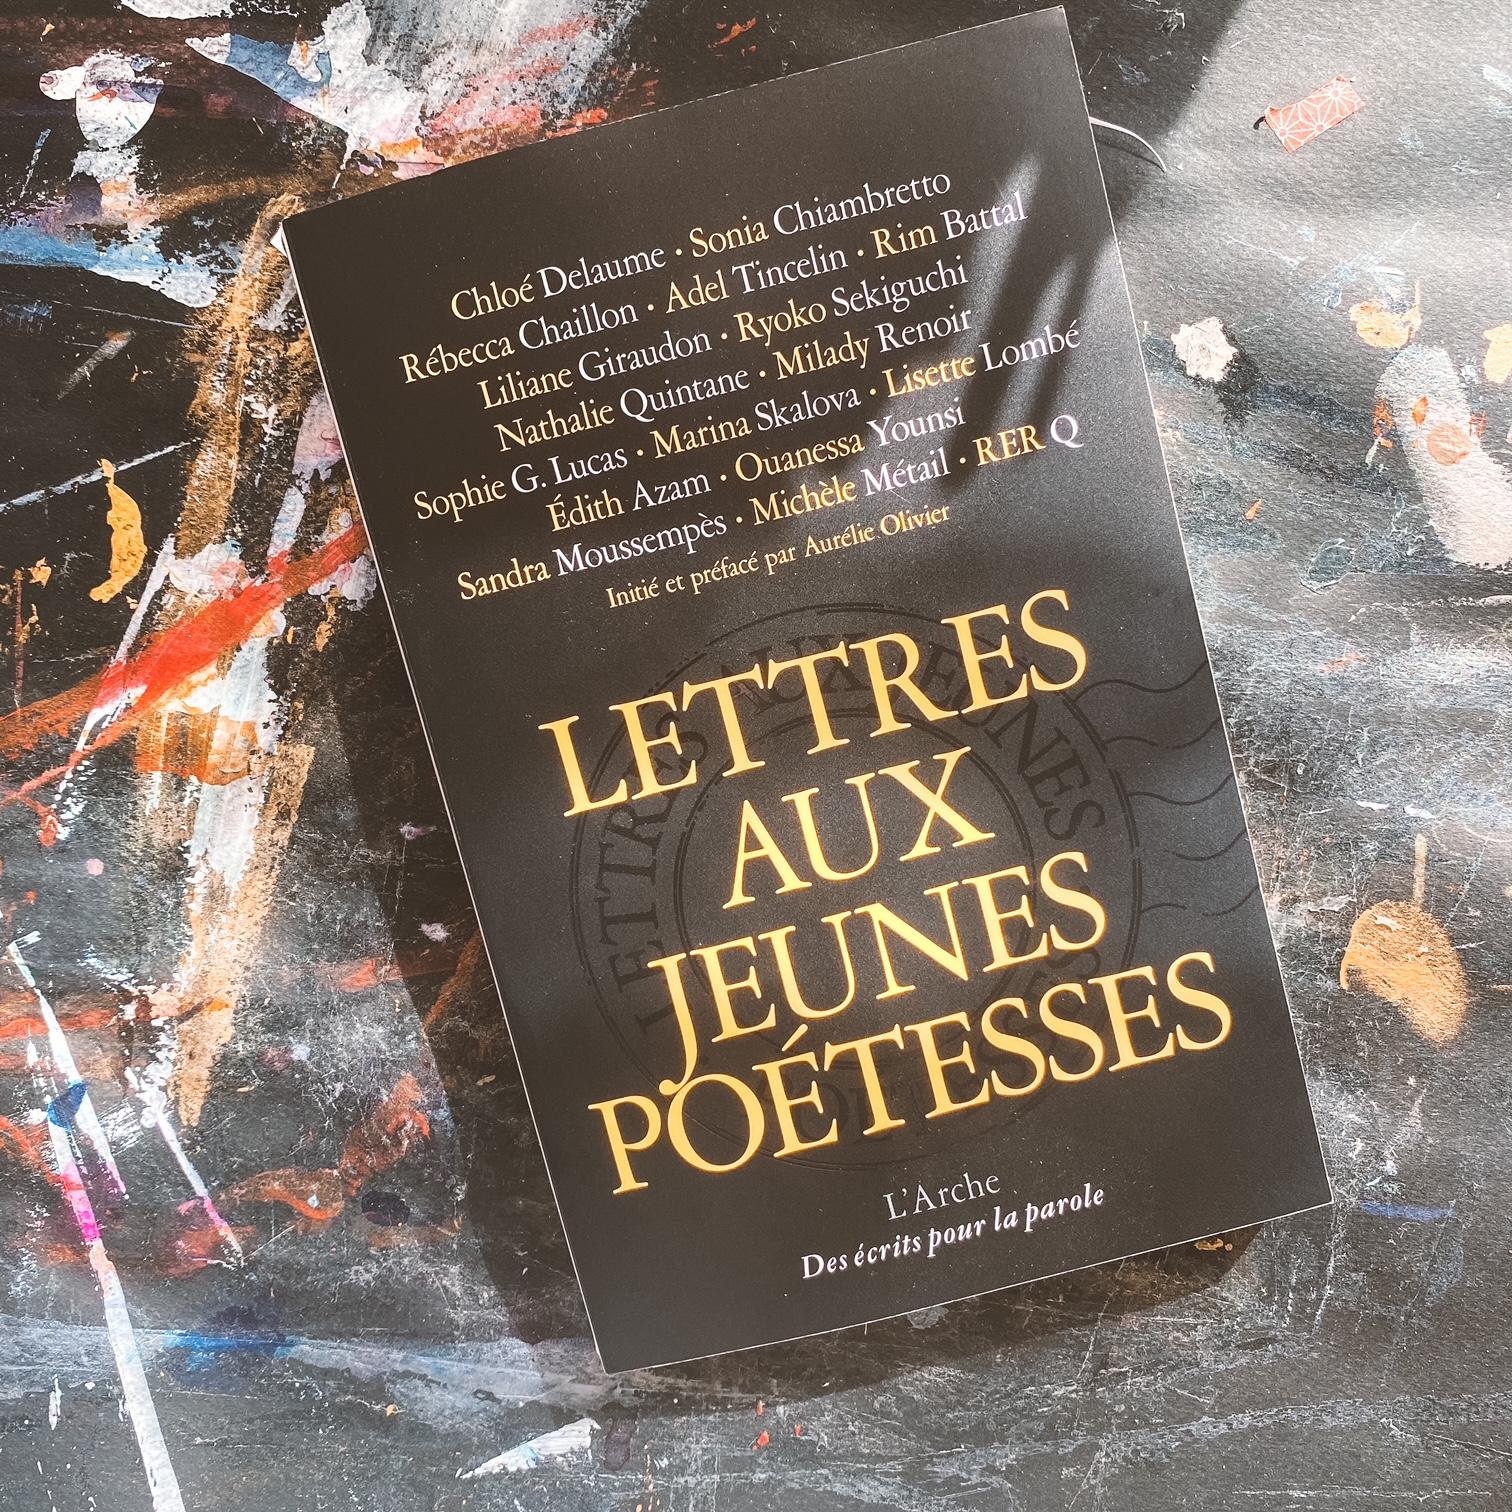 Lettres aux jeunes poétesses : femmes et écriture